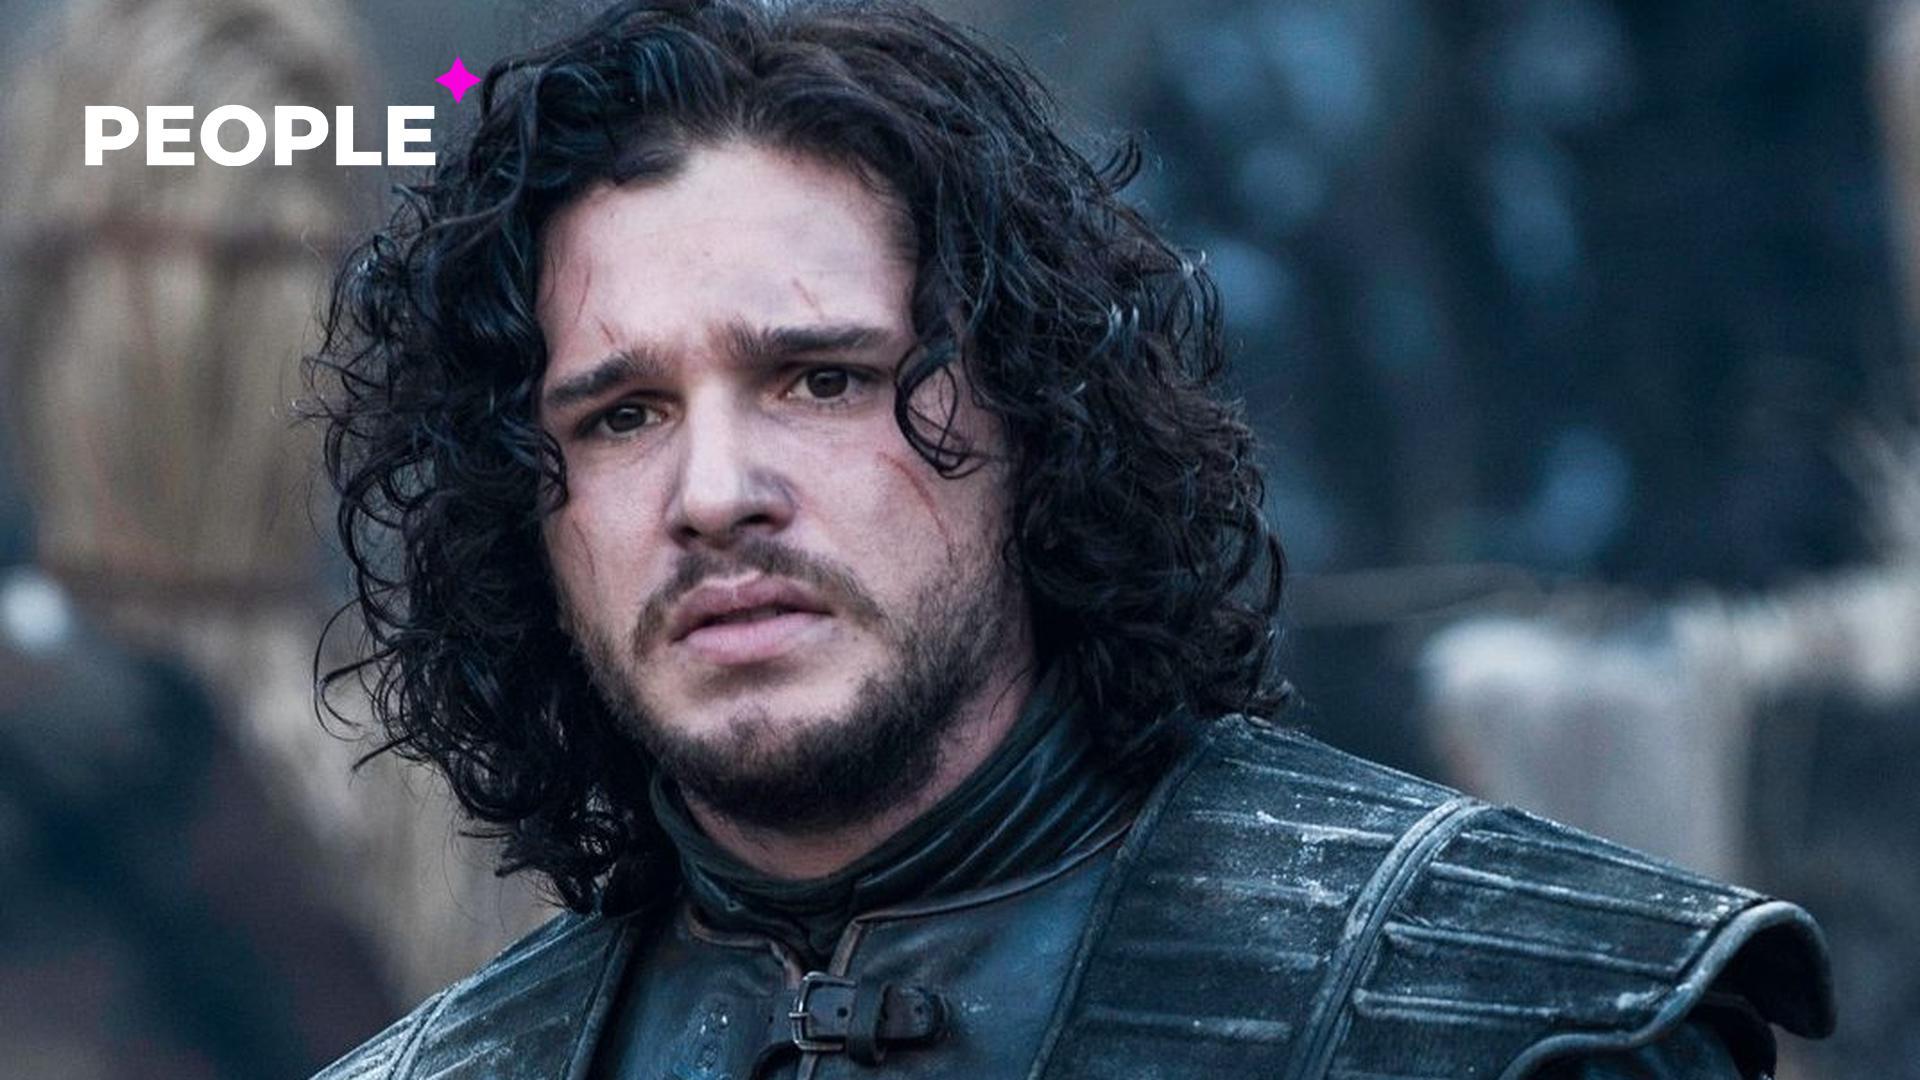 Звезда «Игры престолов» заявил, что из-за финала сериала попал в рехаб с психическими проблемами